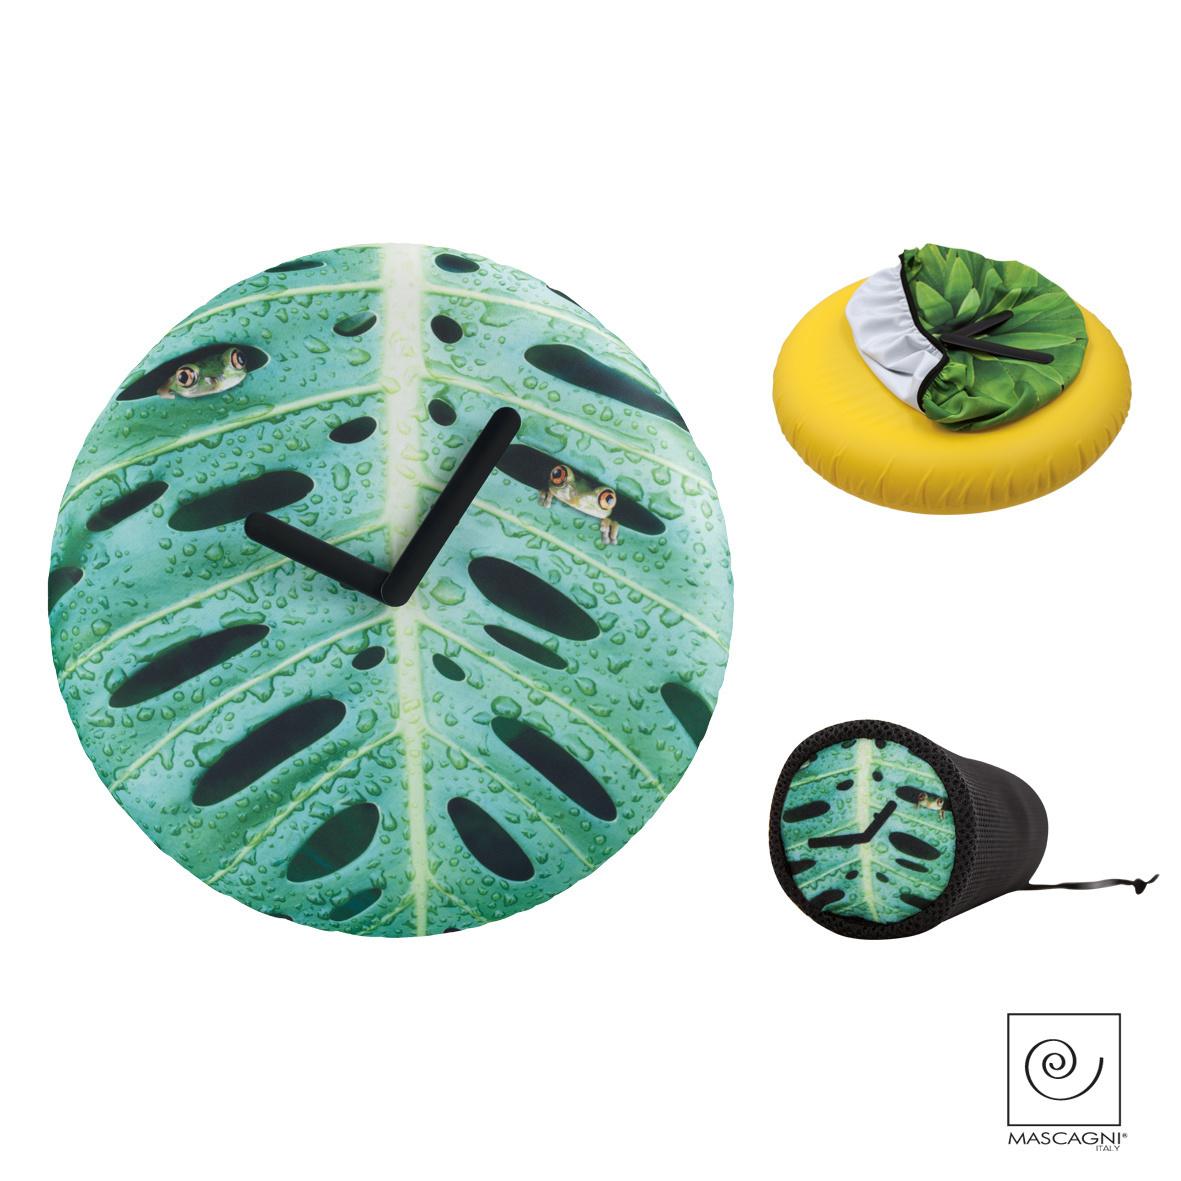 Art Mascagni M566 INFLATABLE CLOCK DIAM.50